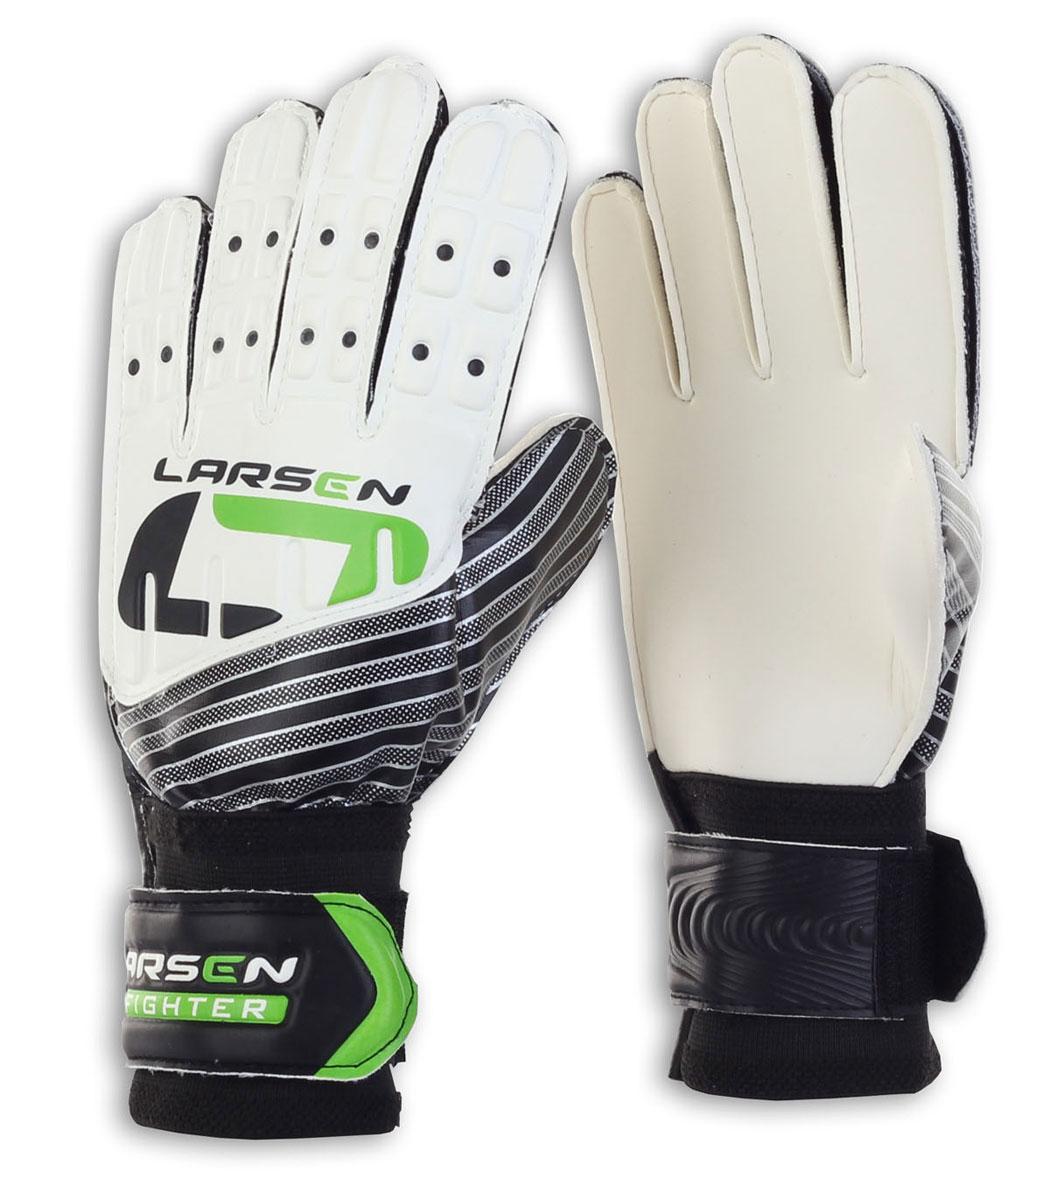 Перчатки вратарские Larsen Fighter, цвет: черный, зеленый. Размер 8